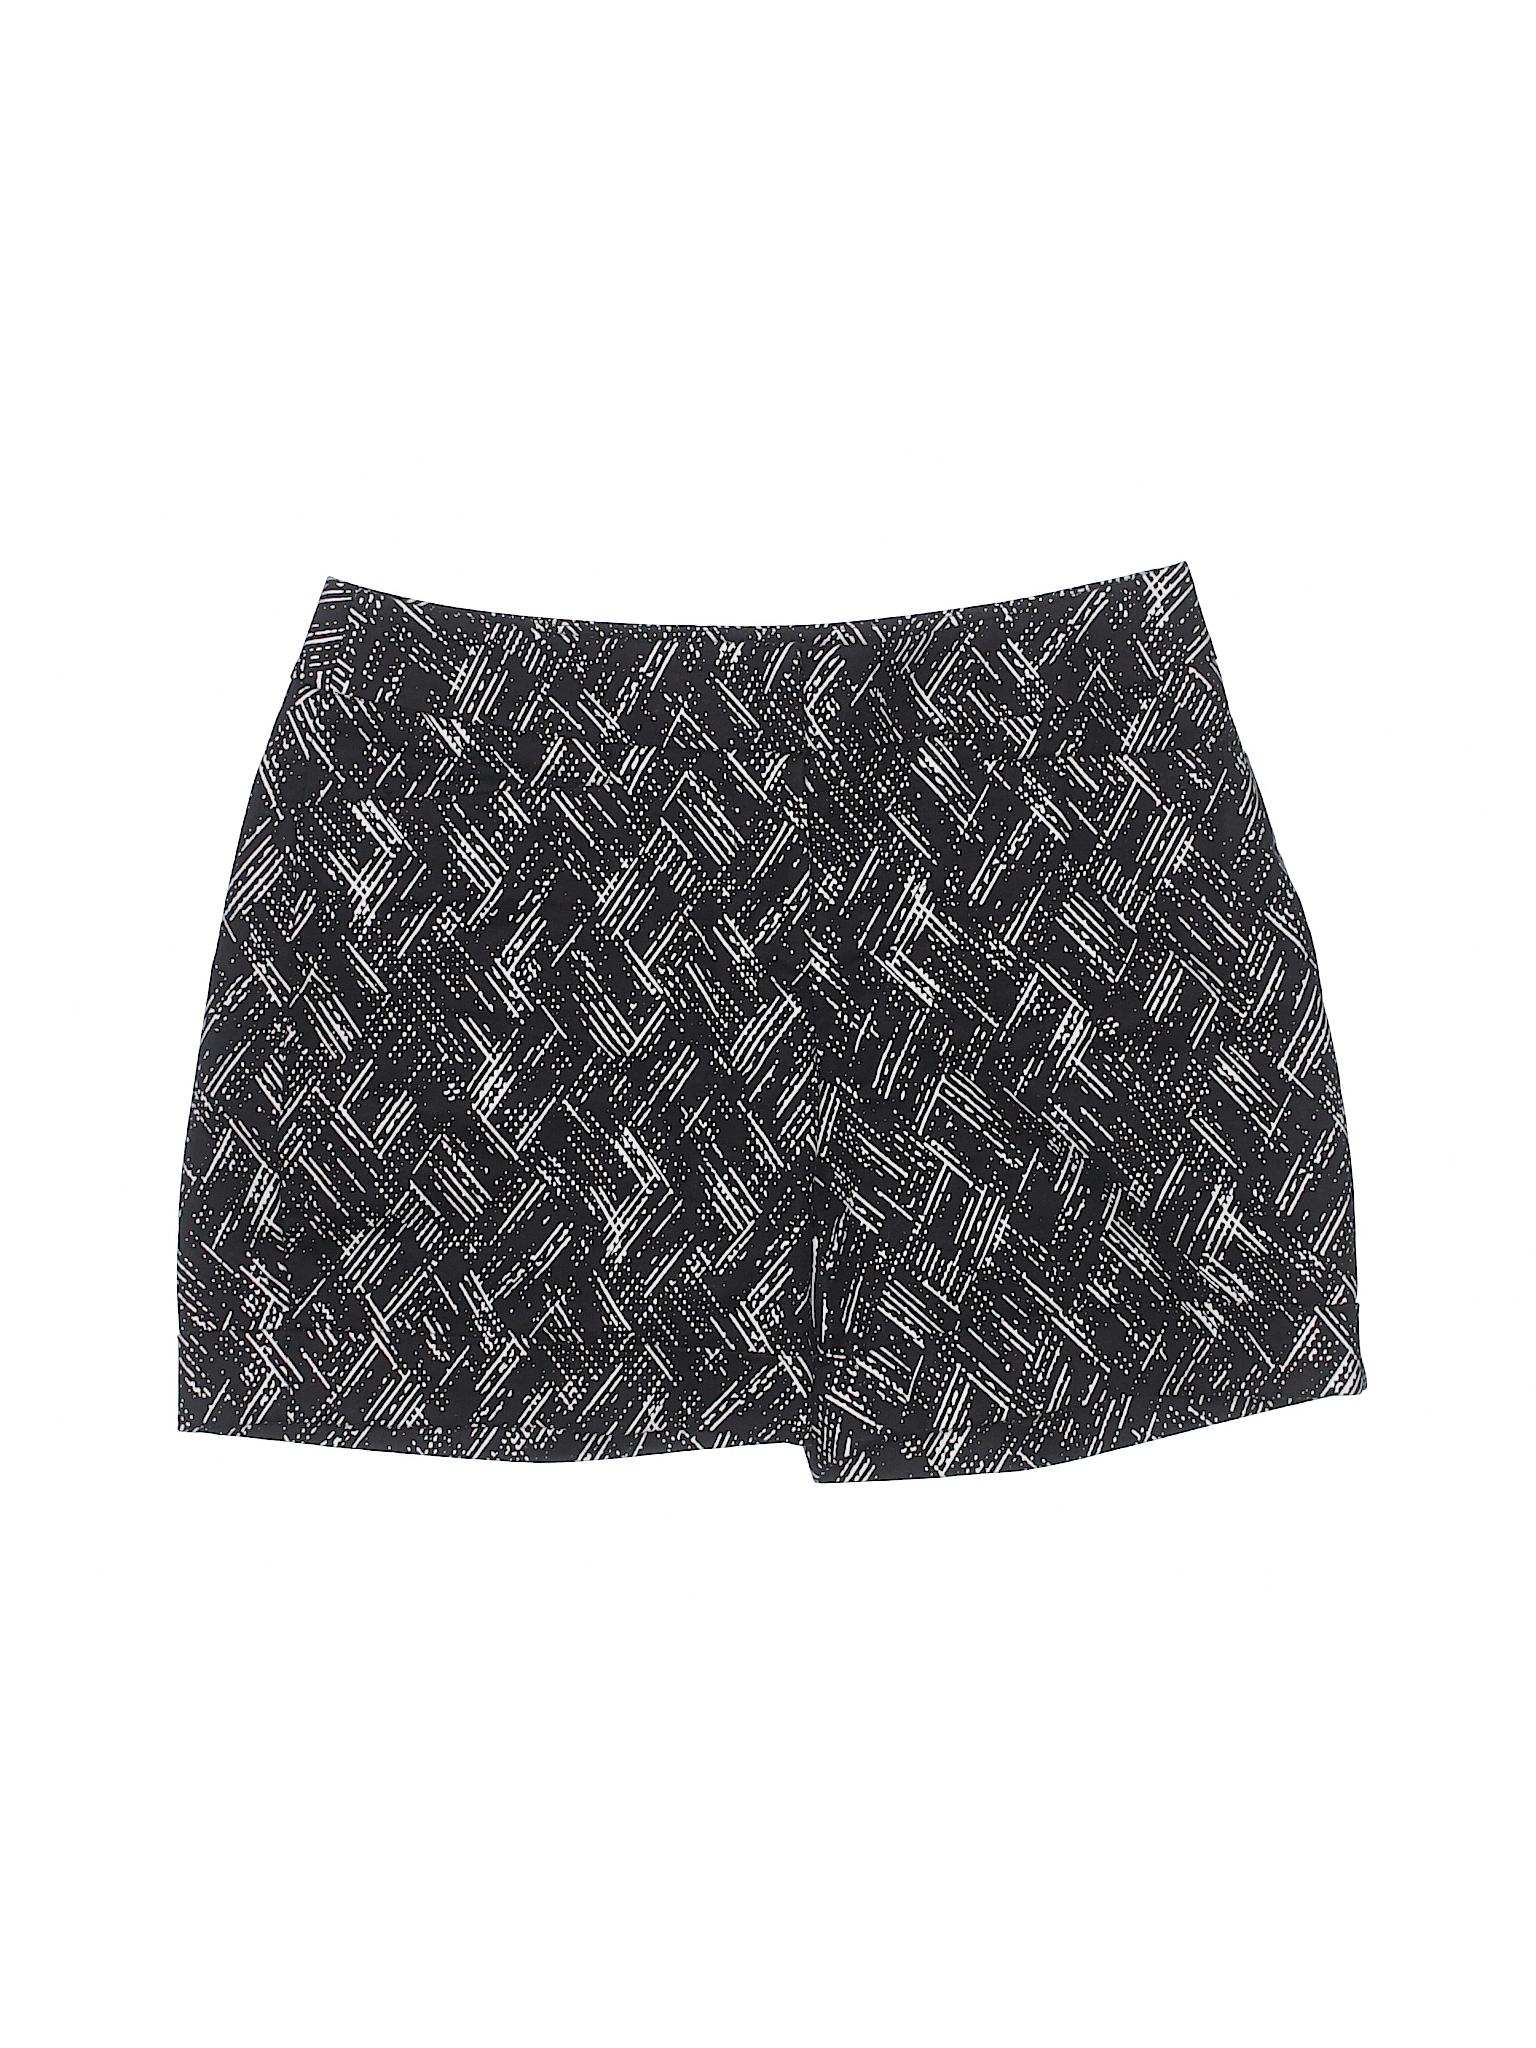 Shorts Apt 9 Boutique 9 Khaki Boutique Khaki Apt xBgqxwF04